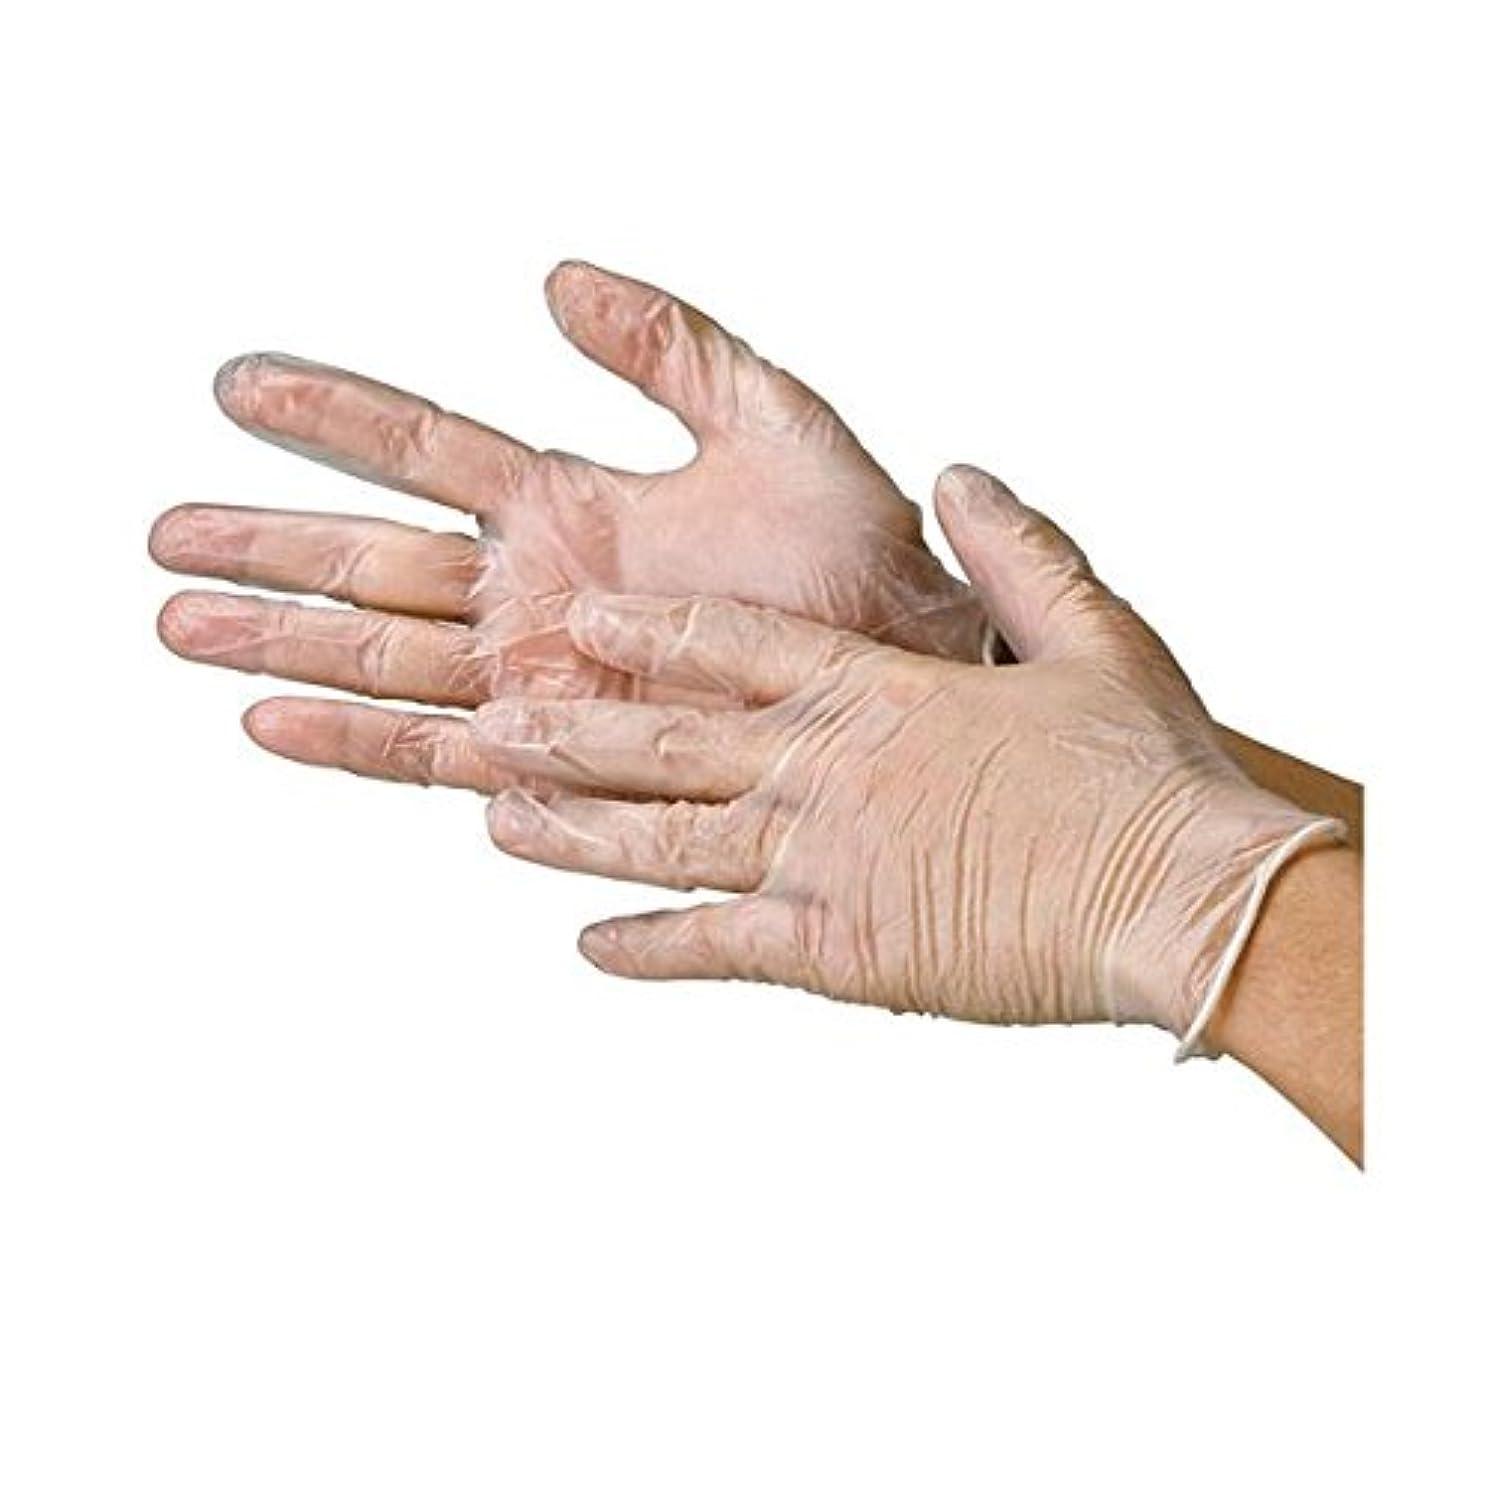 原子炉オプション思い出川西工業 ビニール極薄手袋 粉つき S 20袋 ds-1915764